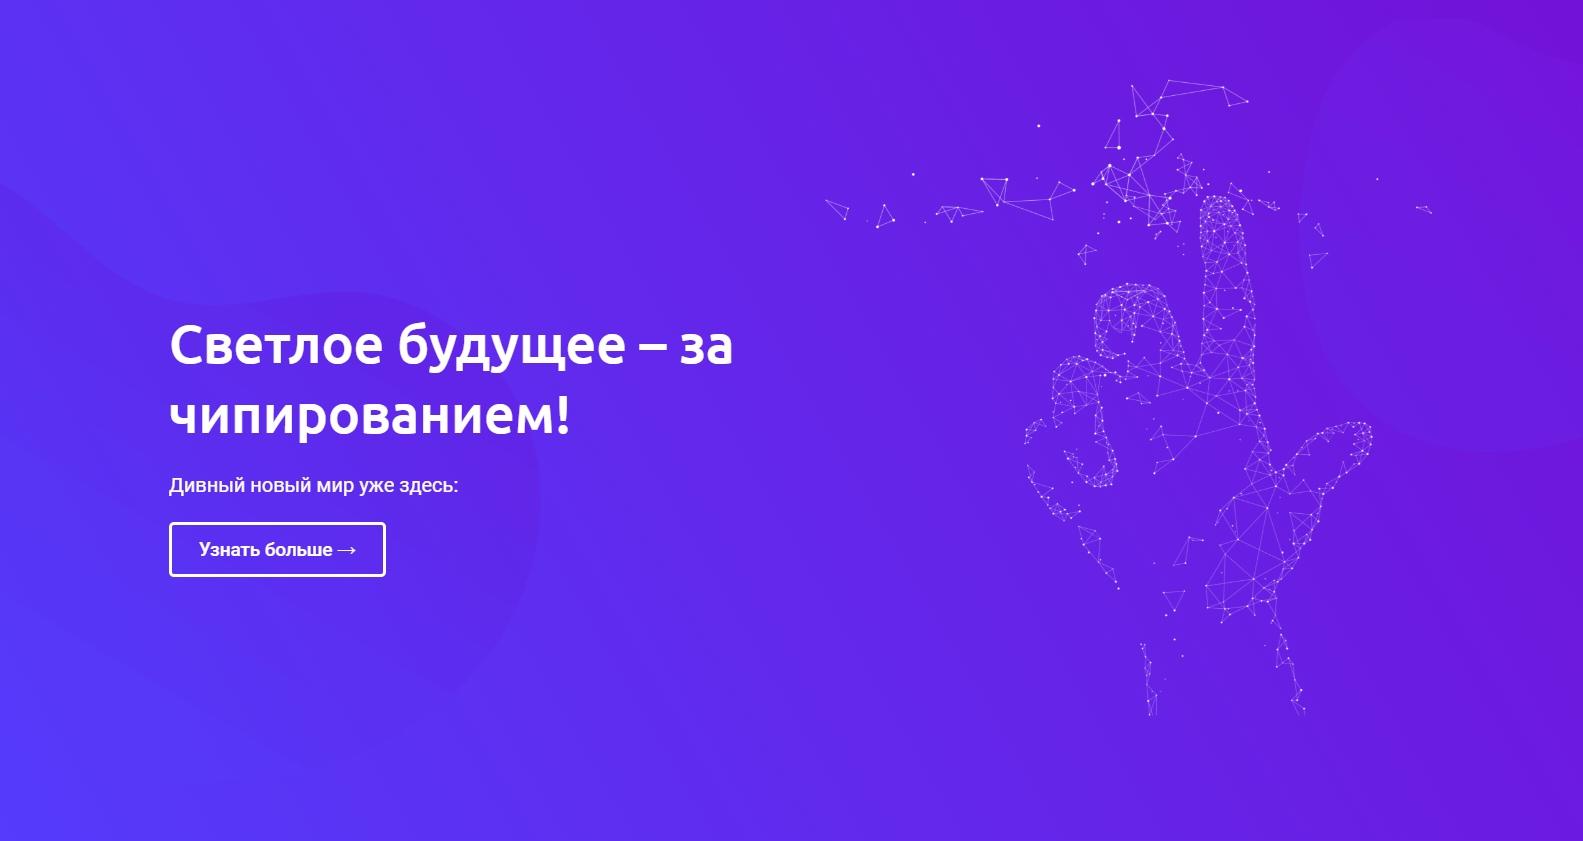 В сети появился «Национальный сайт чипирования населения»